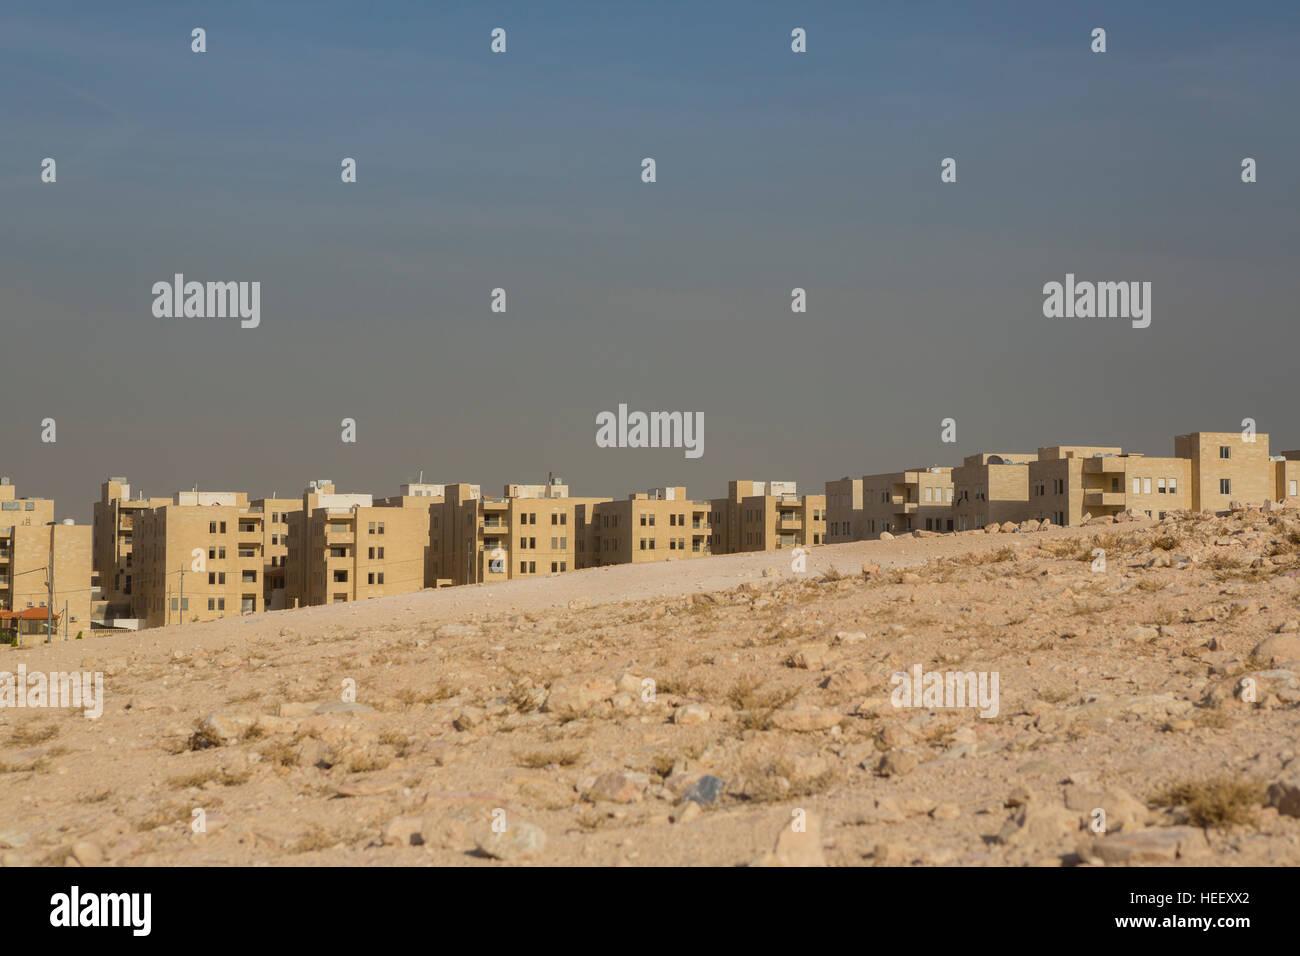 Scena cittadina che mostra architettura Giordano nella tentacolare Zarqa, Giordania. Immagini Stock